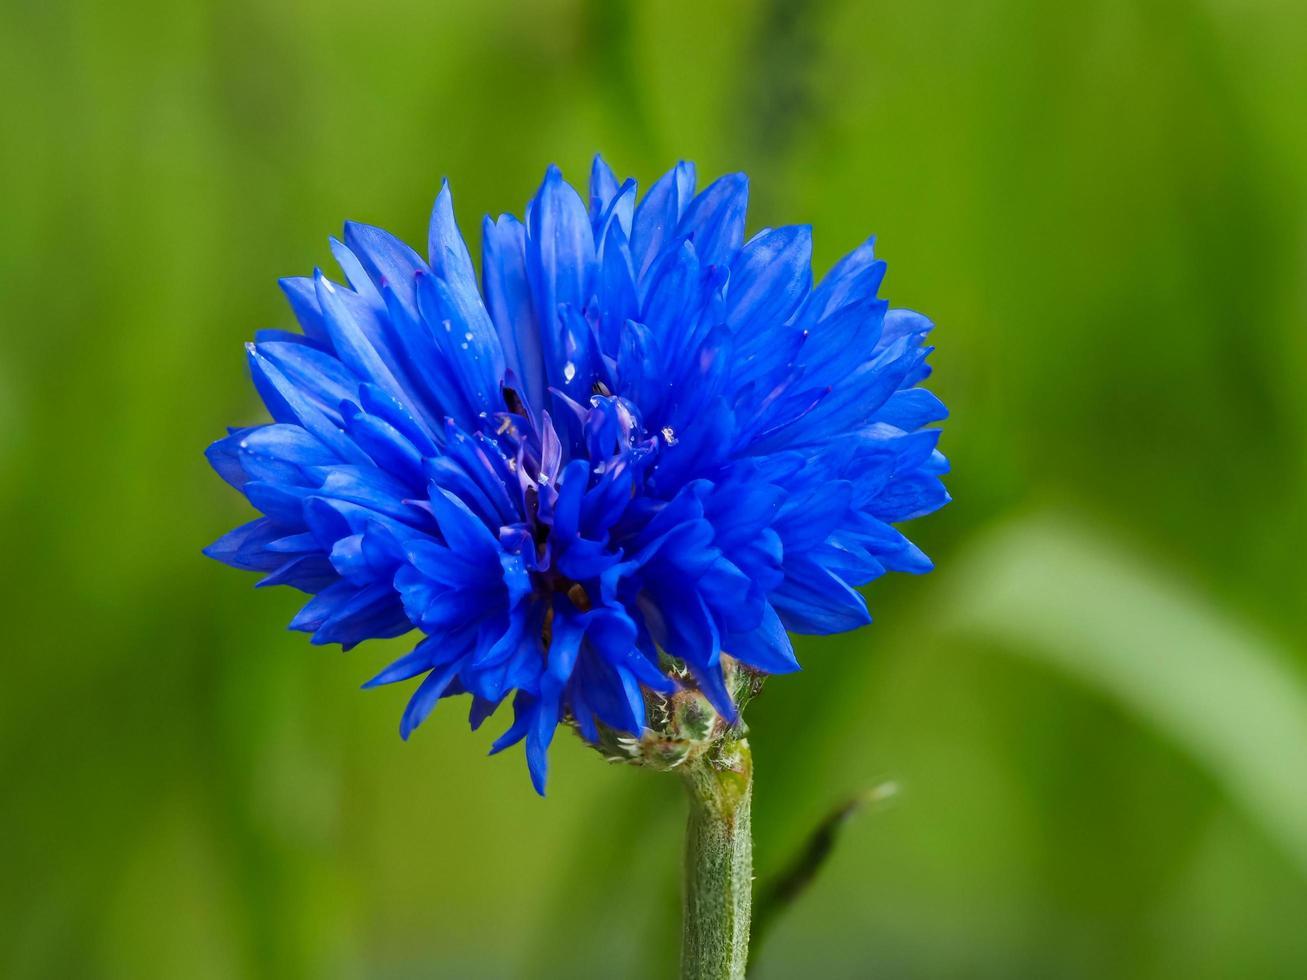 jolie gemme du jubilé de la variété naine bleuet bleu photo